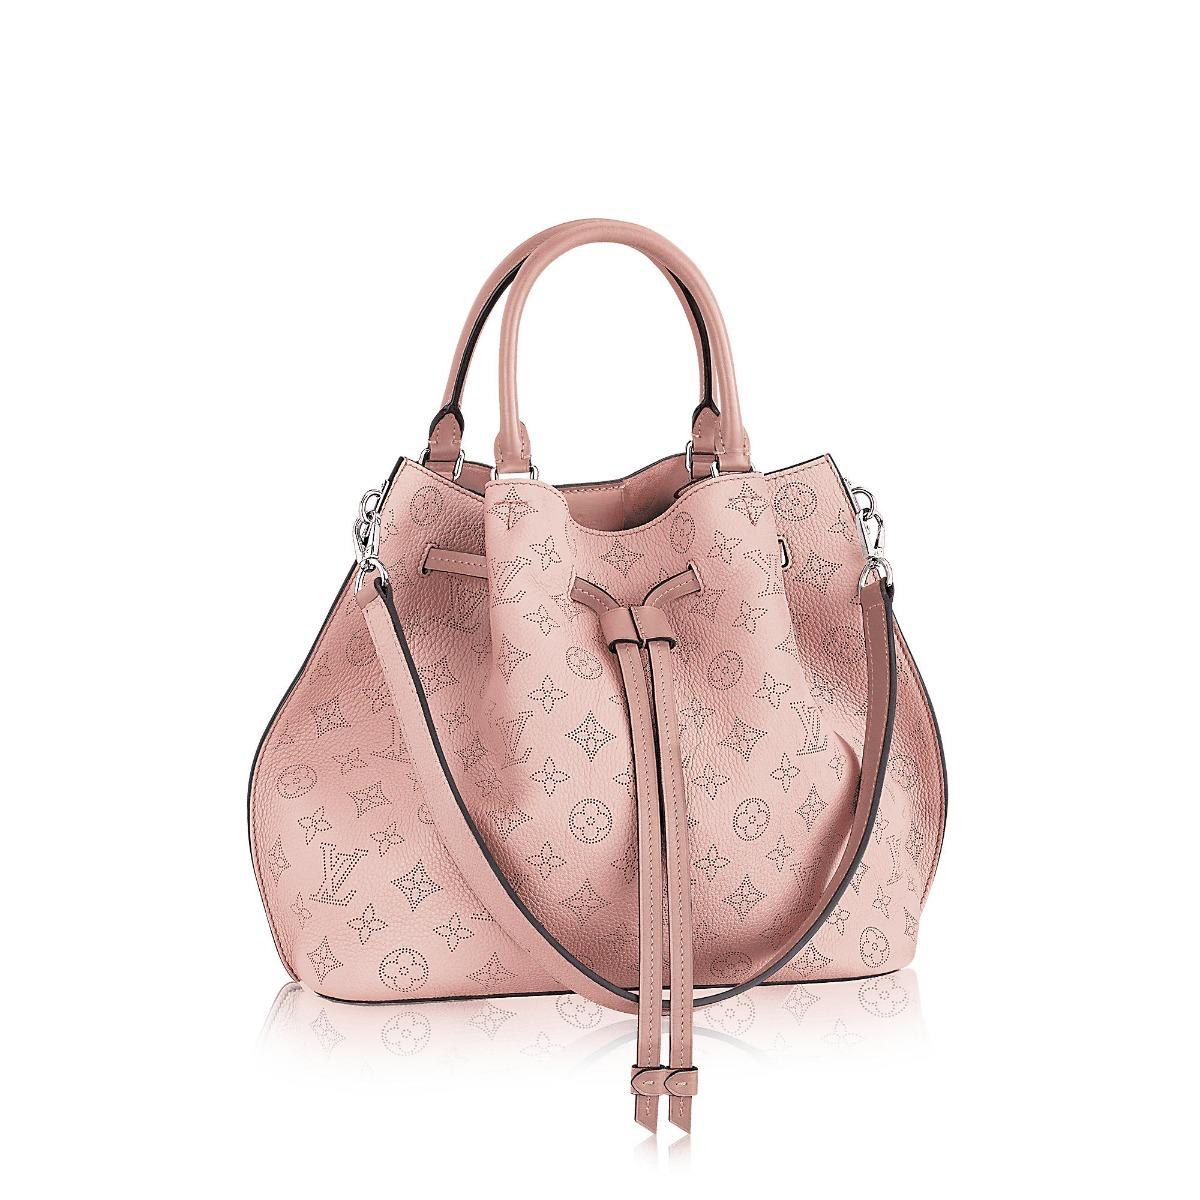 f7d779bc0 Bolsa Louis Vuitton Original Girolata Fotos Reais - R$ 1.699,00 em ...